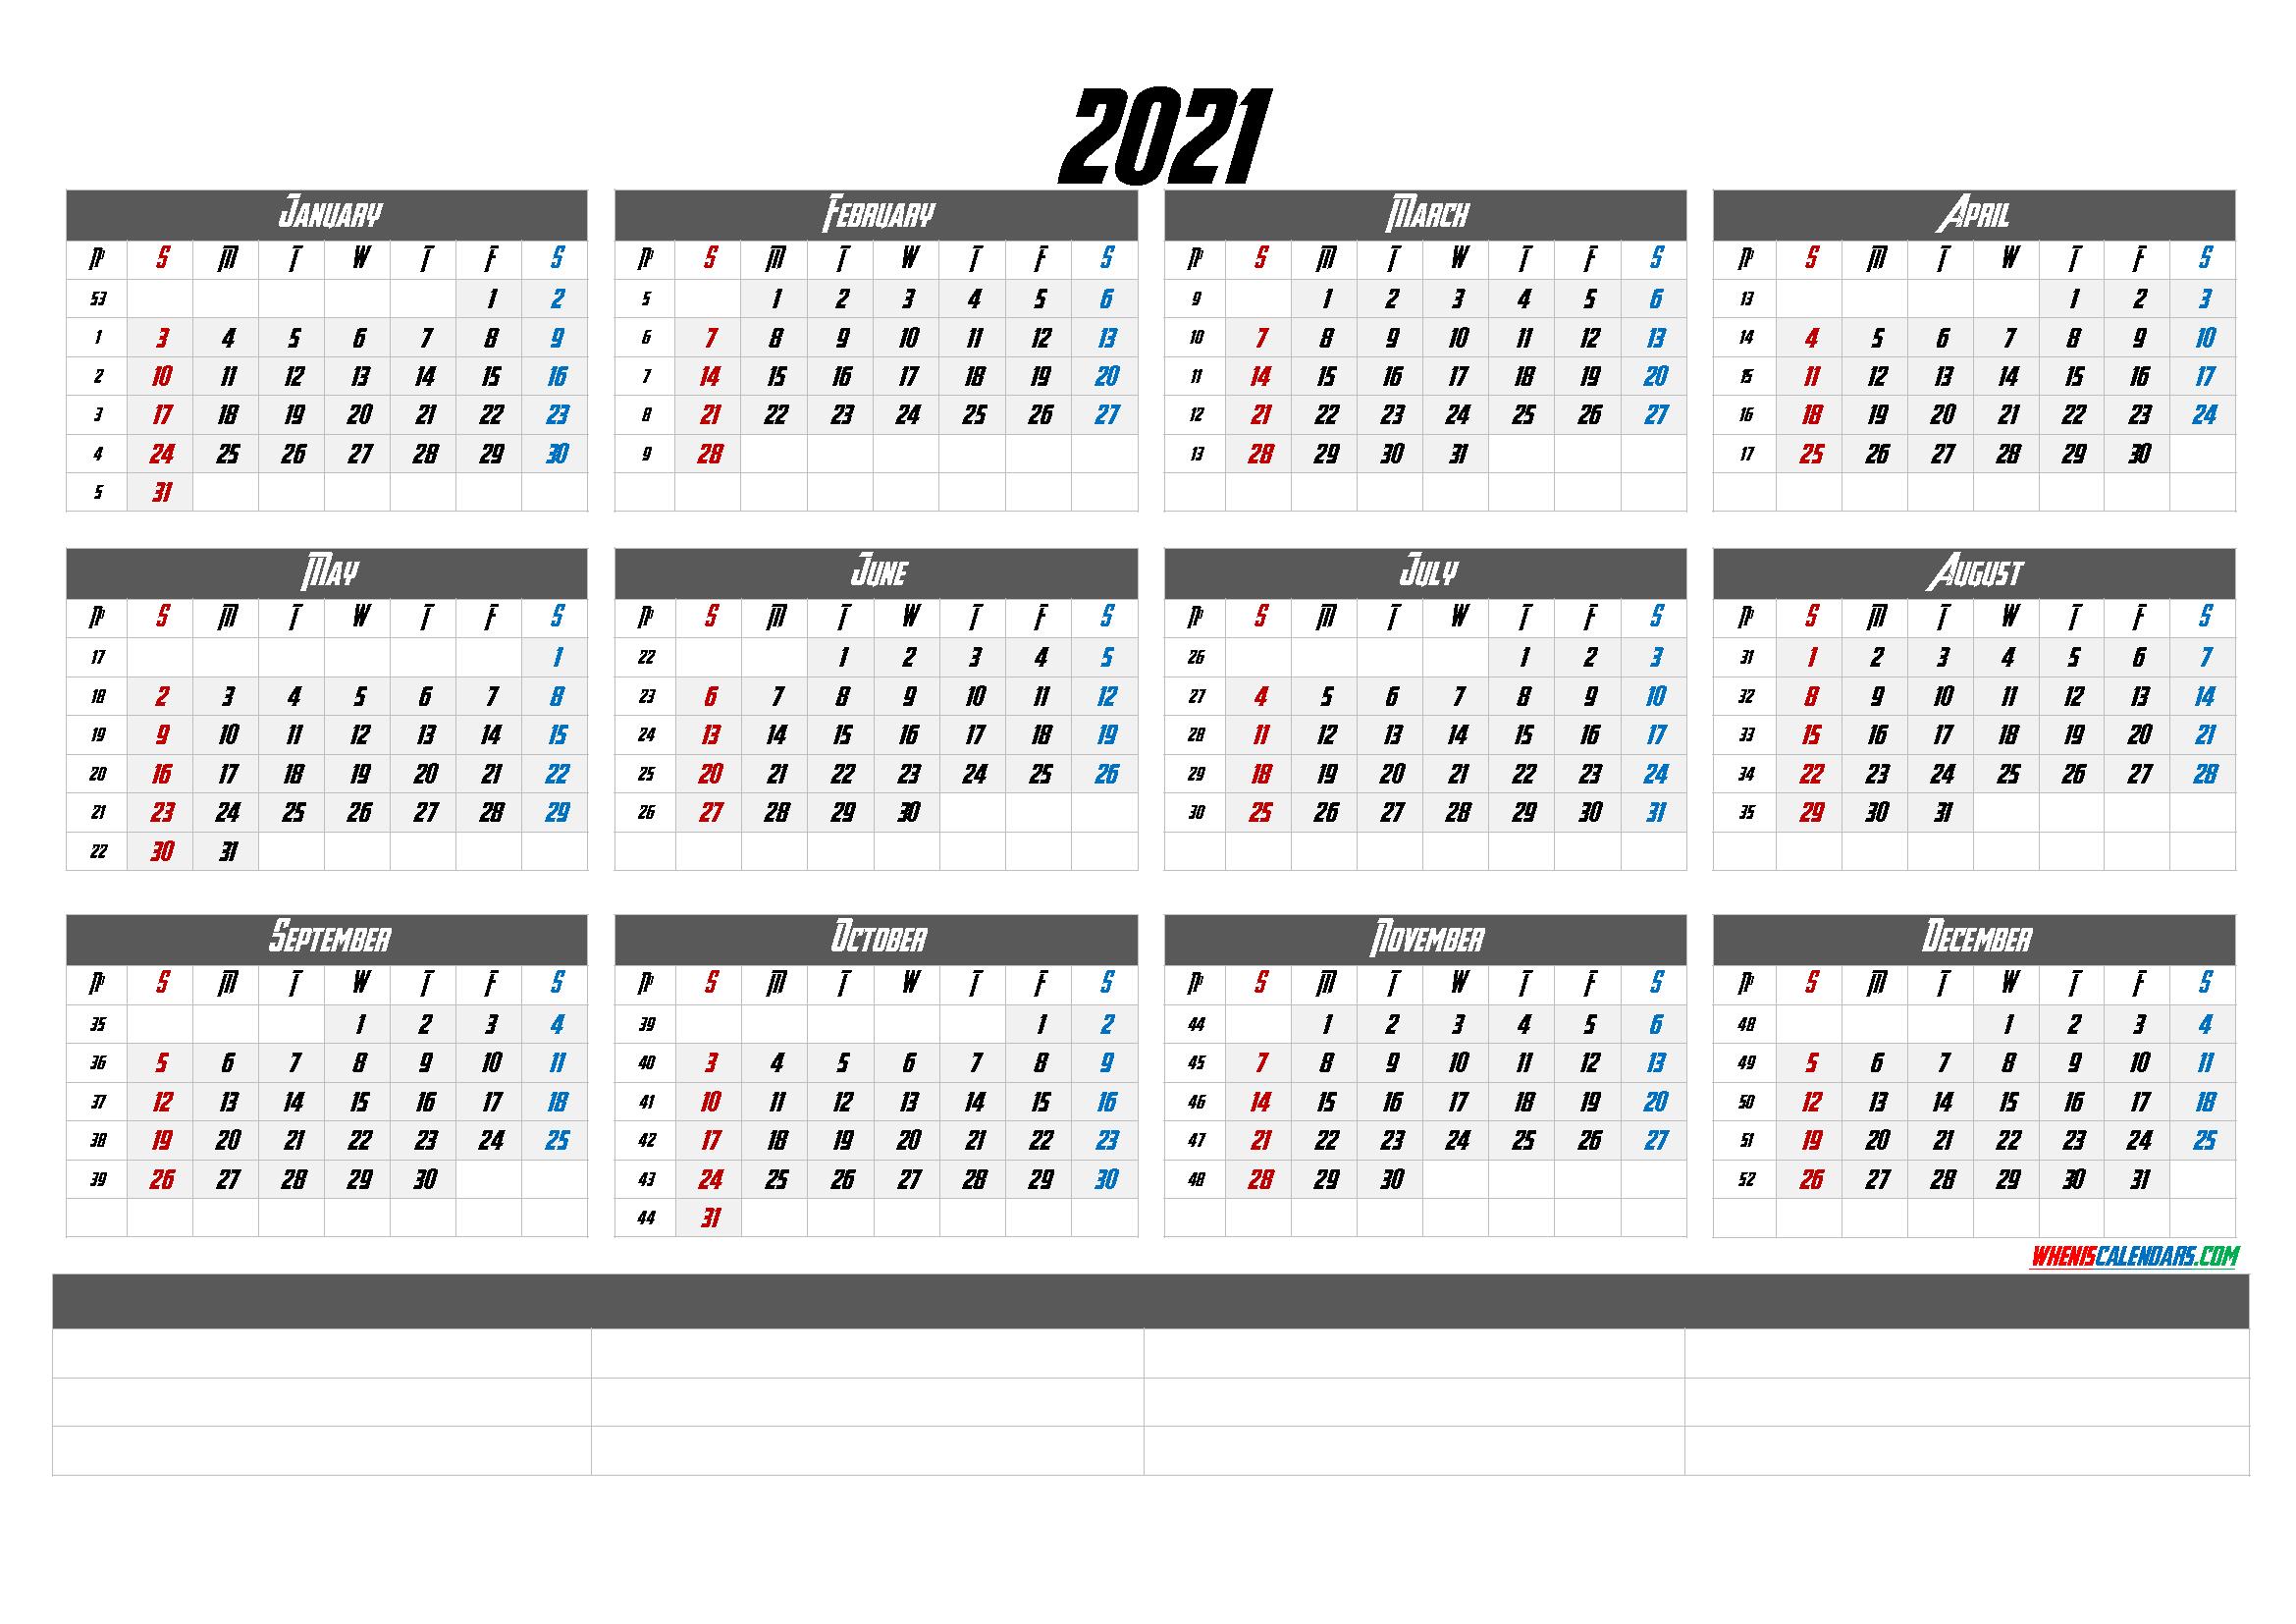 2021 Calendar With Week Numbers Printable – Calendraex regarding Monthly Calendar By Week Number 2021